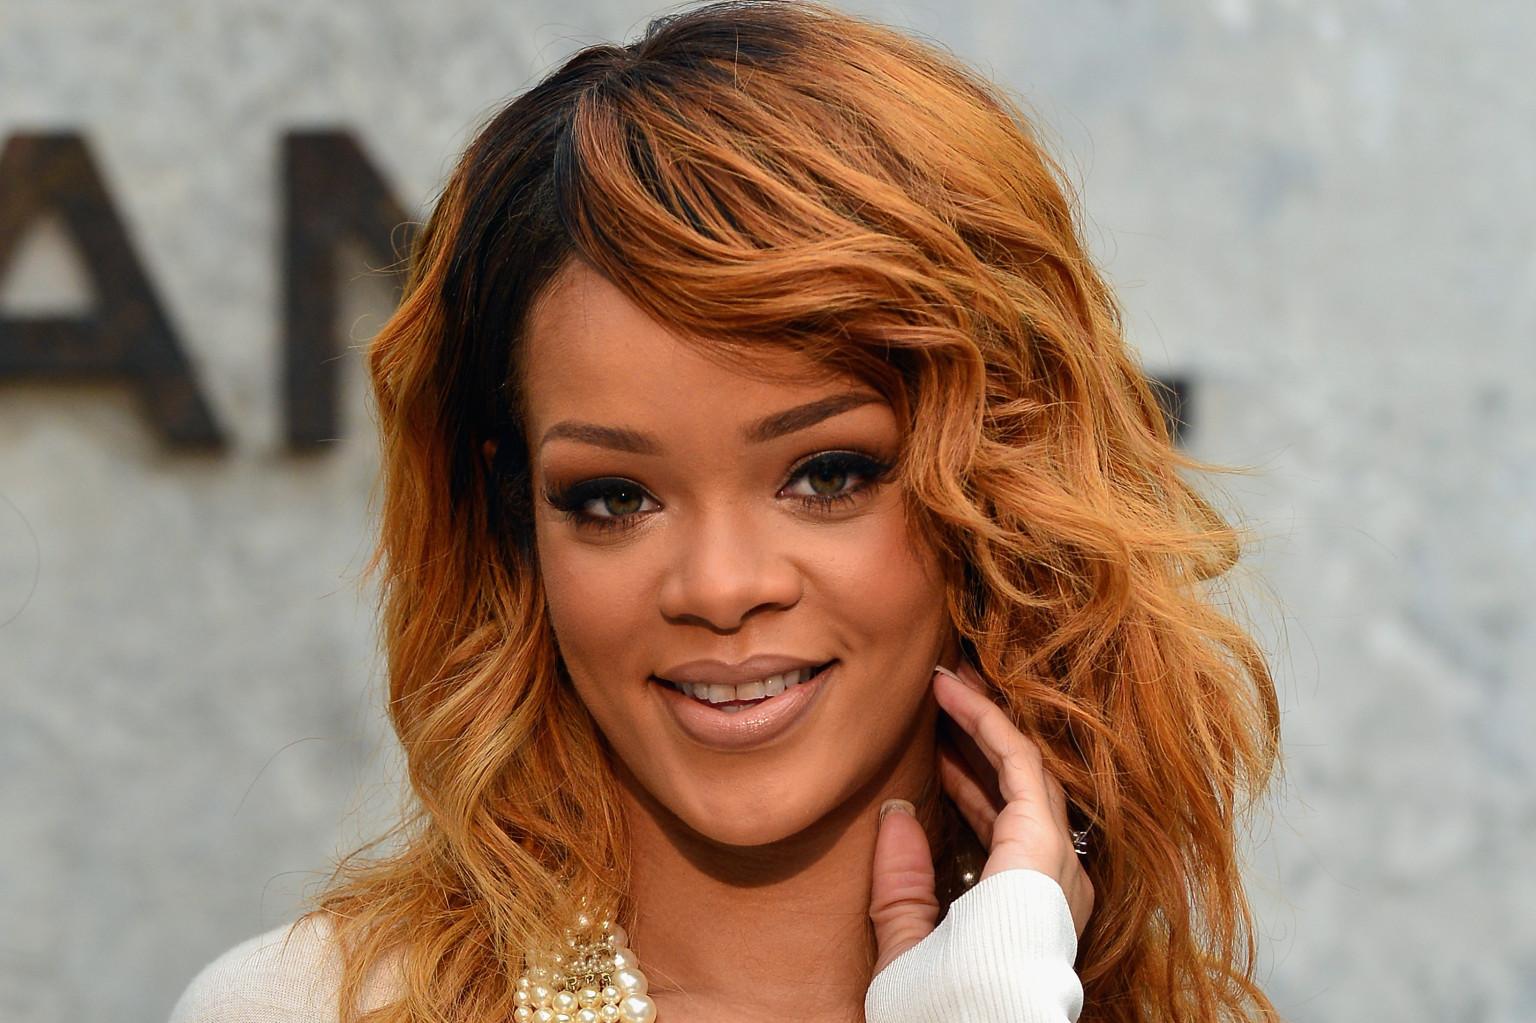 Le mois dernier, le compte Instagram de Rihanna aurait été rétabli selon le porte-parole de « Instagram UK ». Mais la Barbadienne révèle sur Twitter qu'elle n'a pas de compte Instagram.